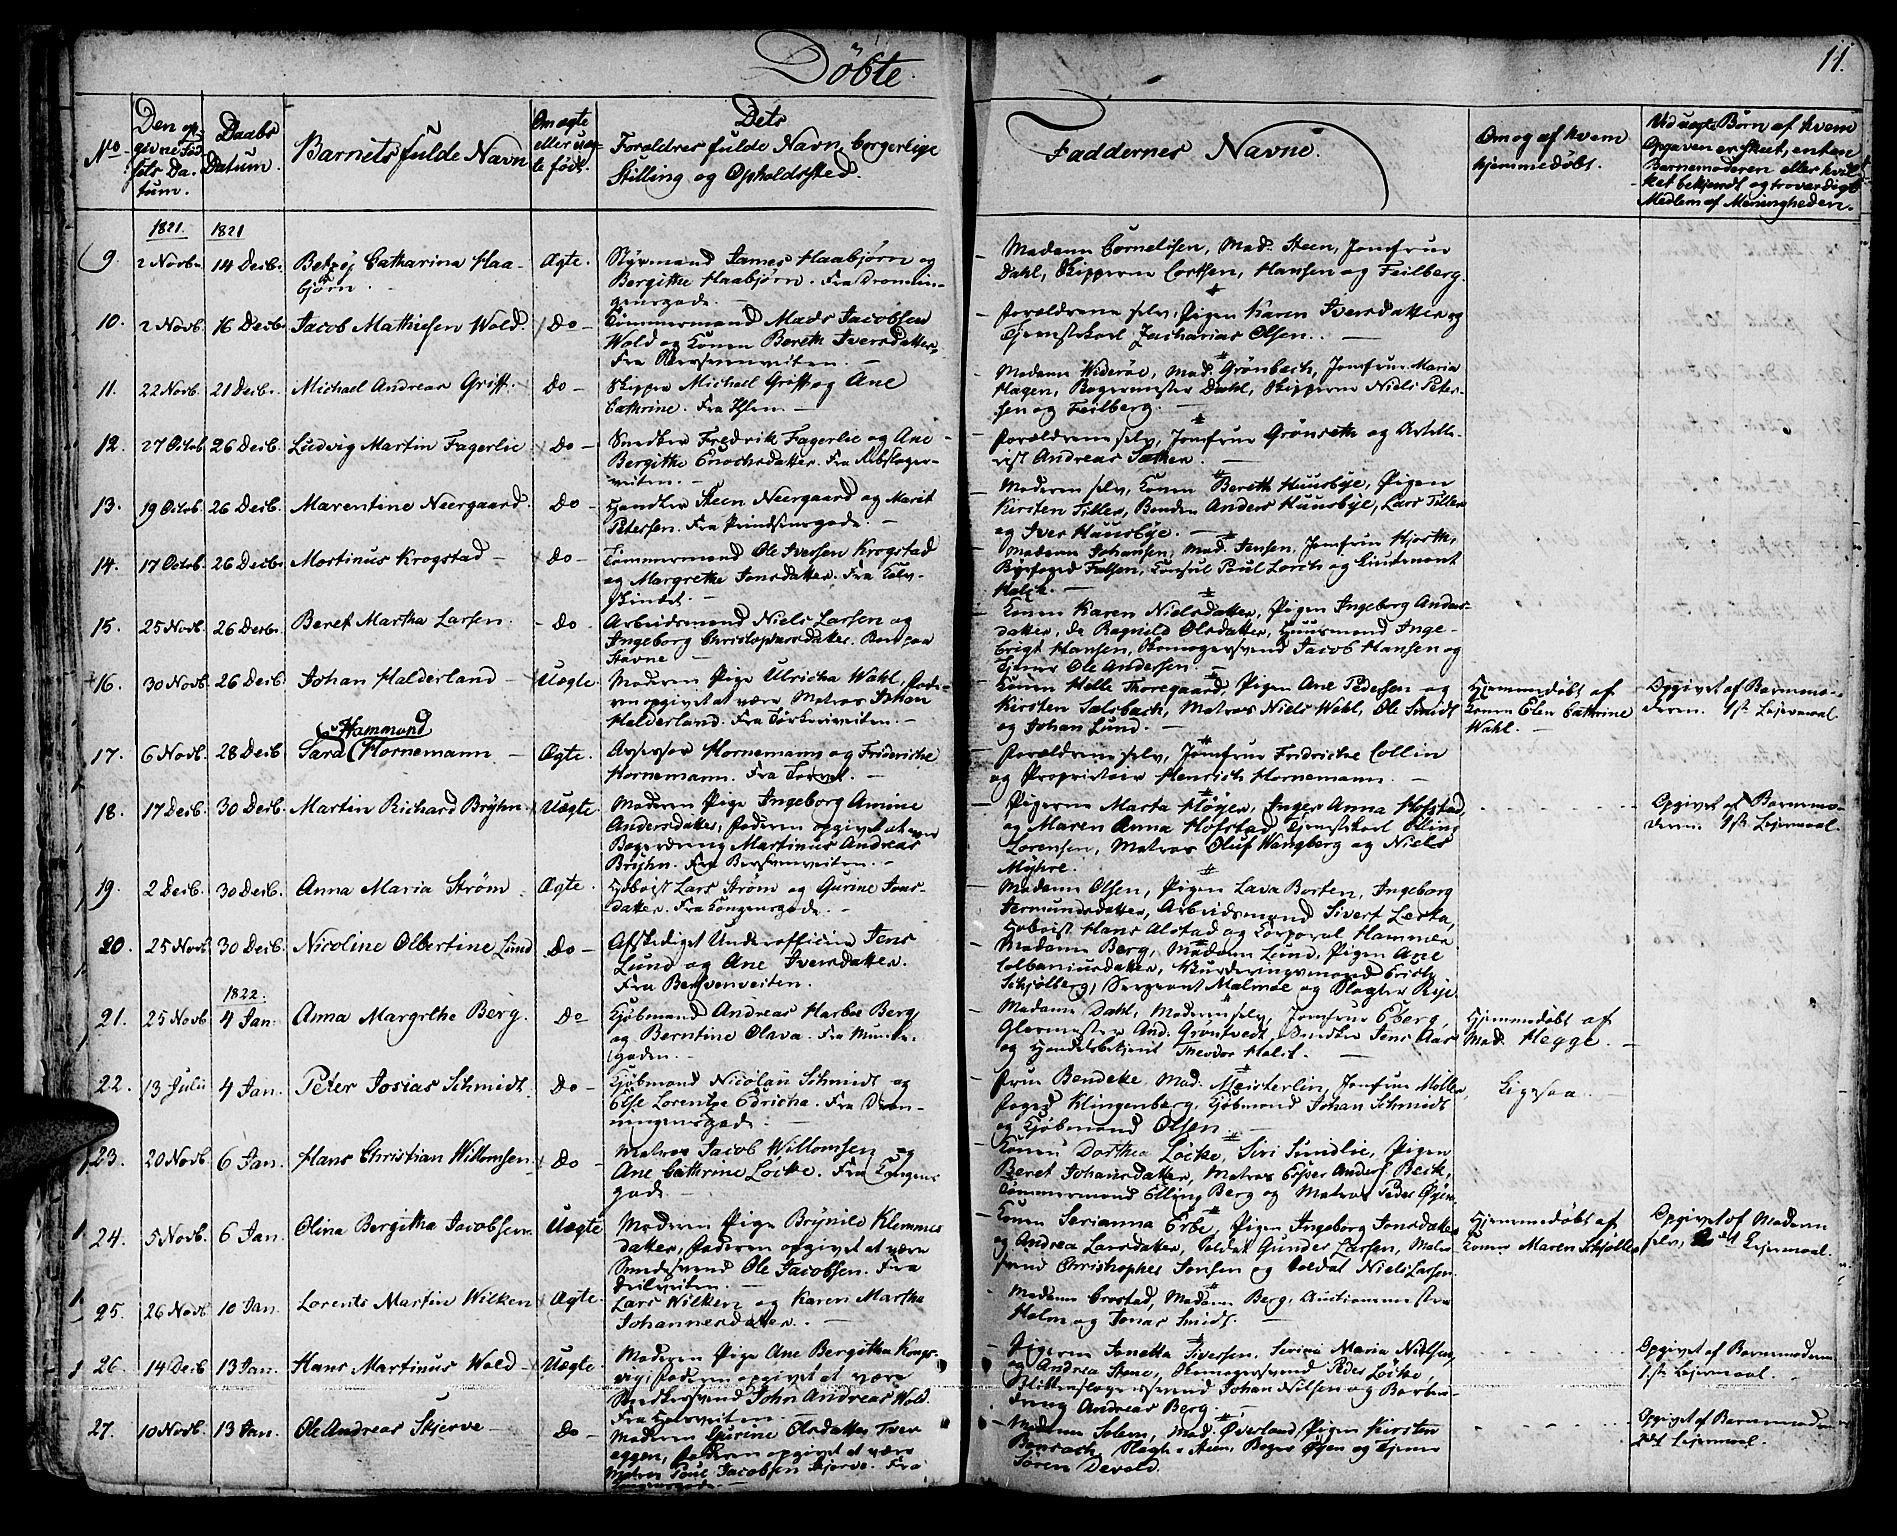 SAT, Ministerialprotokoller, klokkerbøker og fødselsregistre - Sør-Trøndelag, 601/L0045: Ministerialbok nr. 601A13, 1821-1831, s. 11